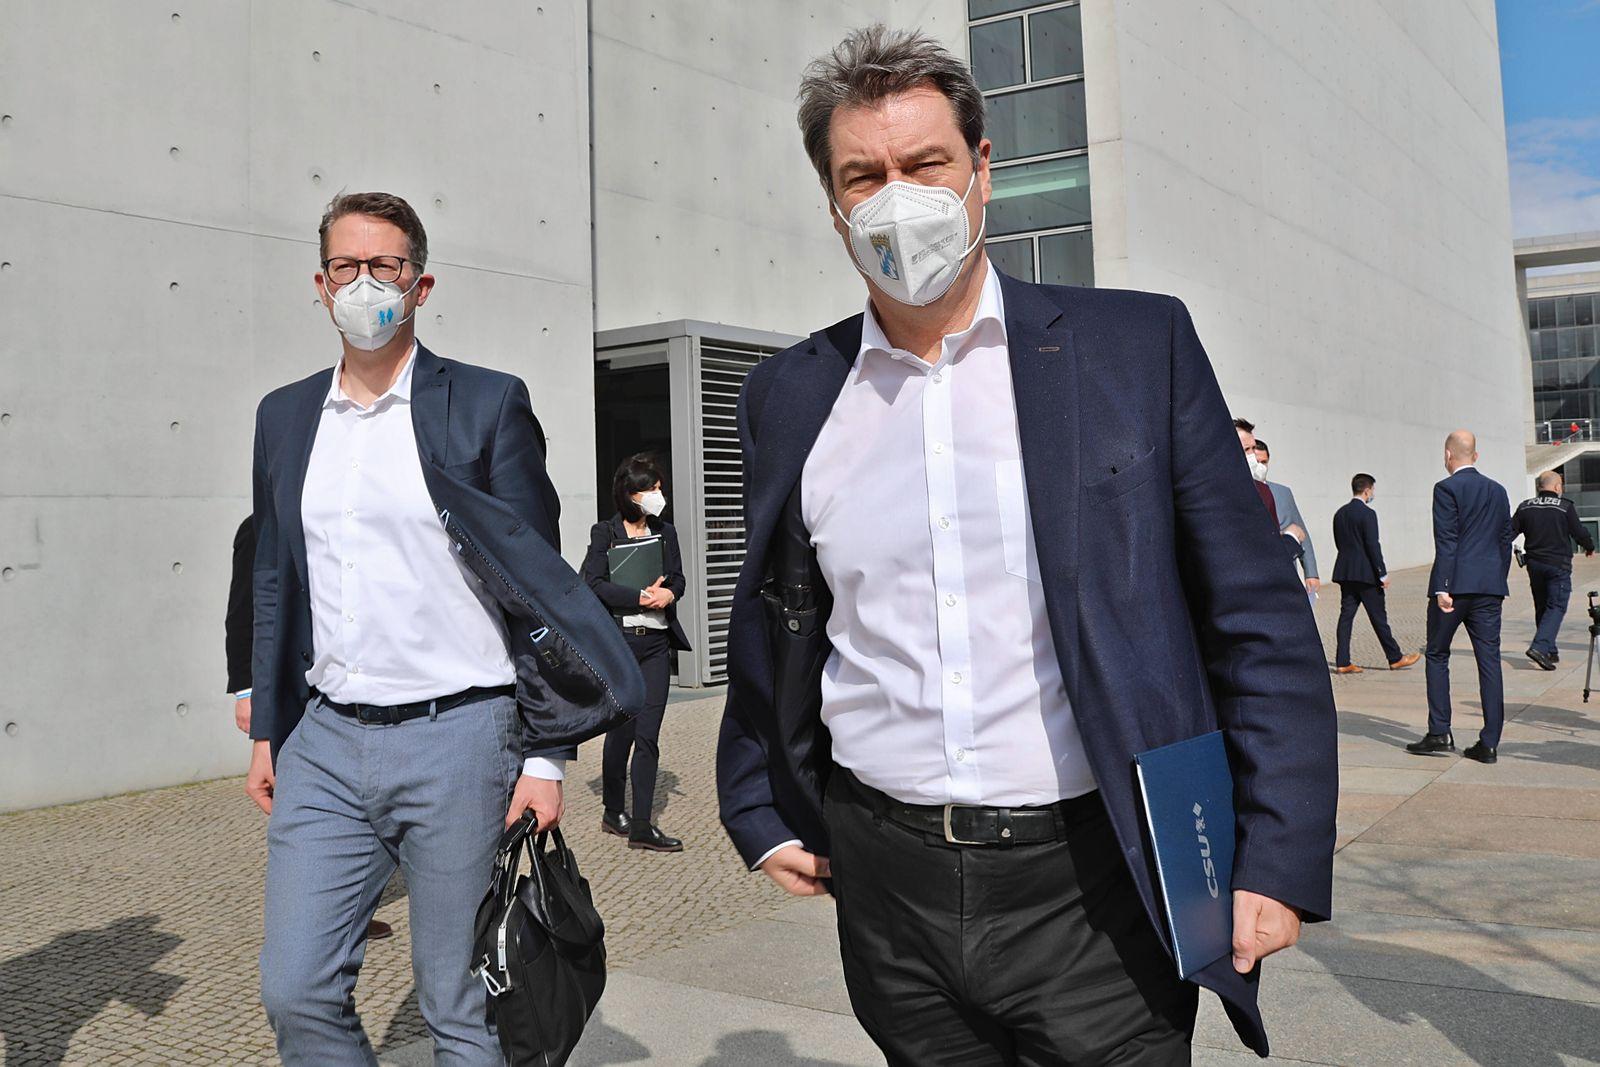 Markus Söder beim Verlassen des Paul-Löbe-Haus 11.4.2021 Nach der Pressekonferenz zur Kanzlerkandidatur verlassen Marku